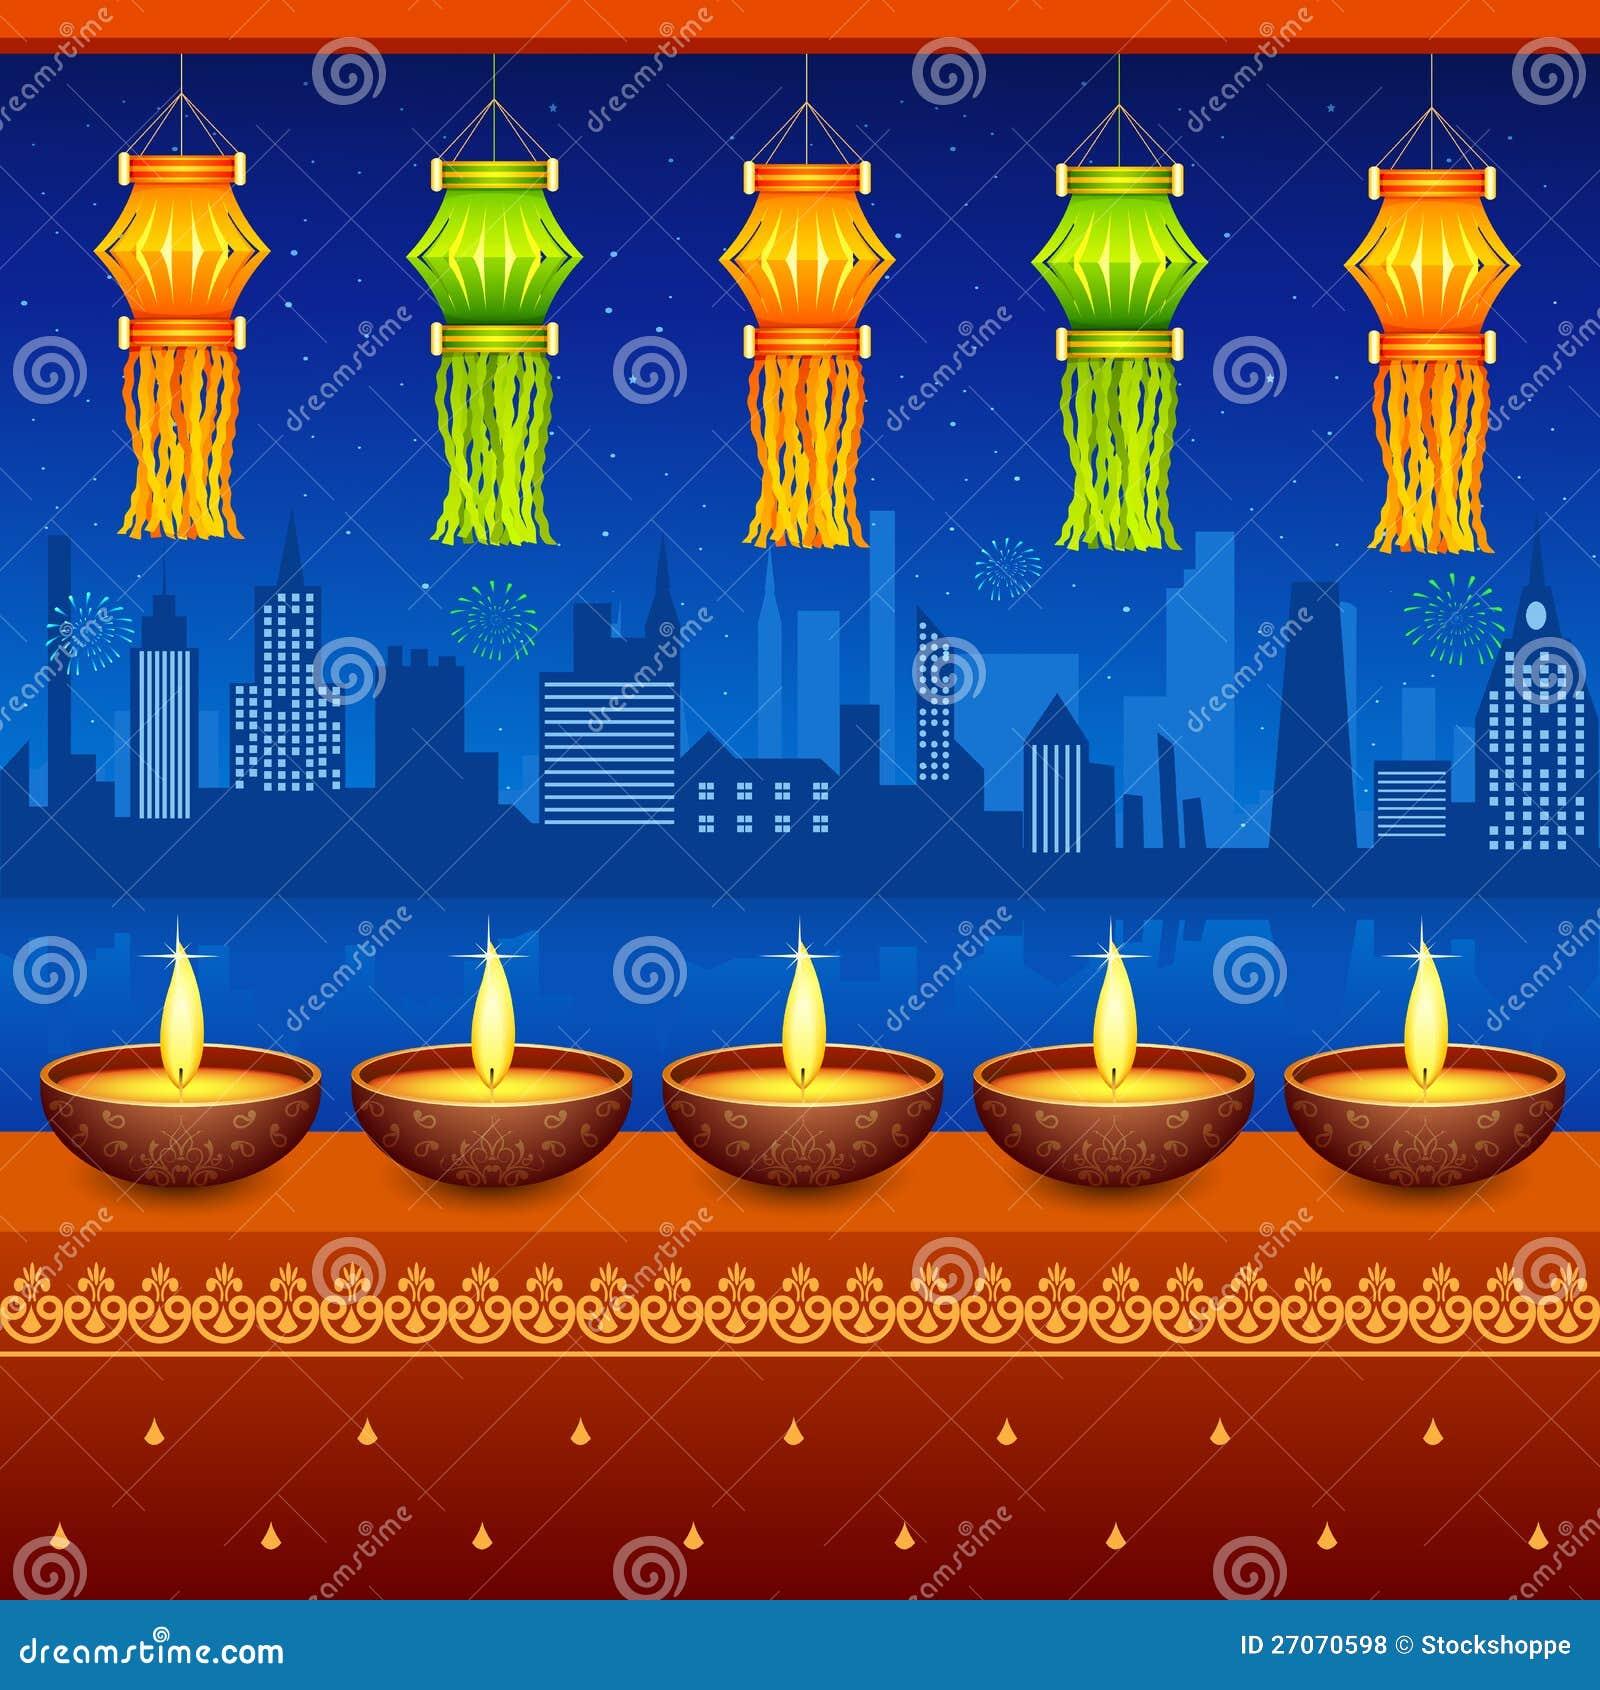 Diwali Hanging Lantern Royalty Free Stock Photos